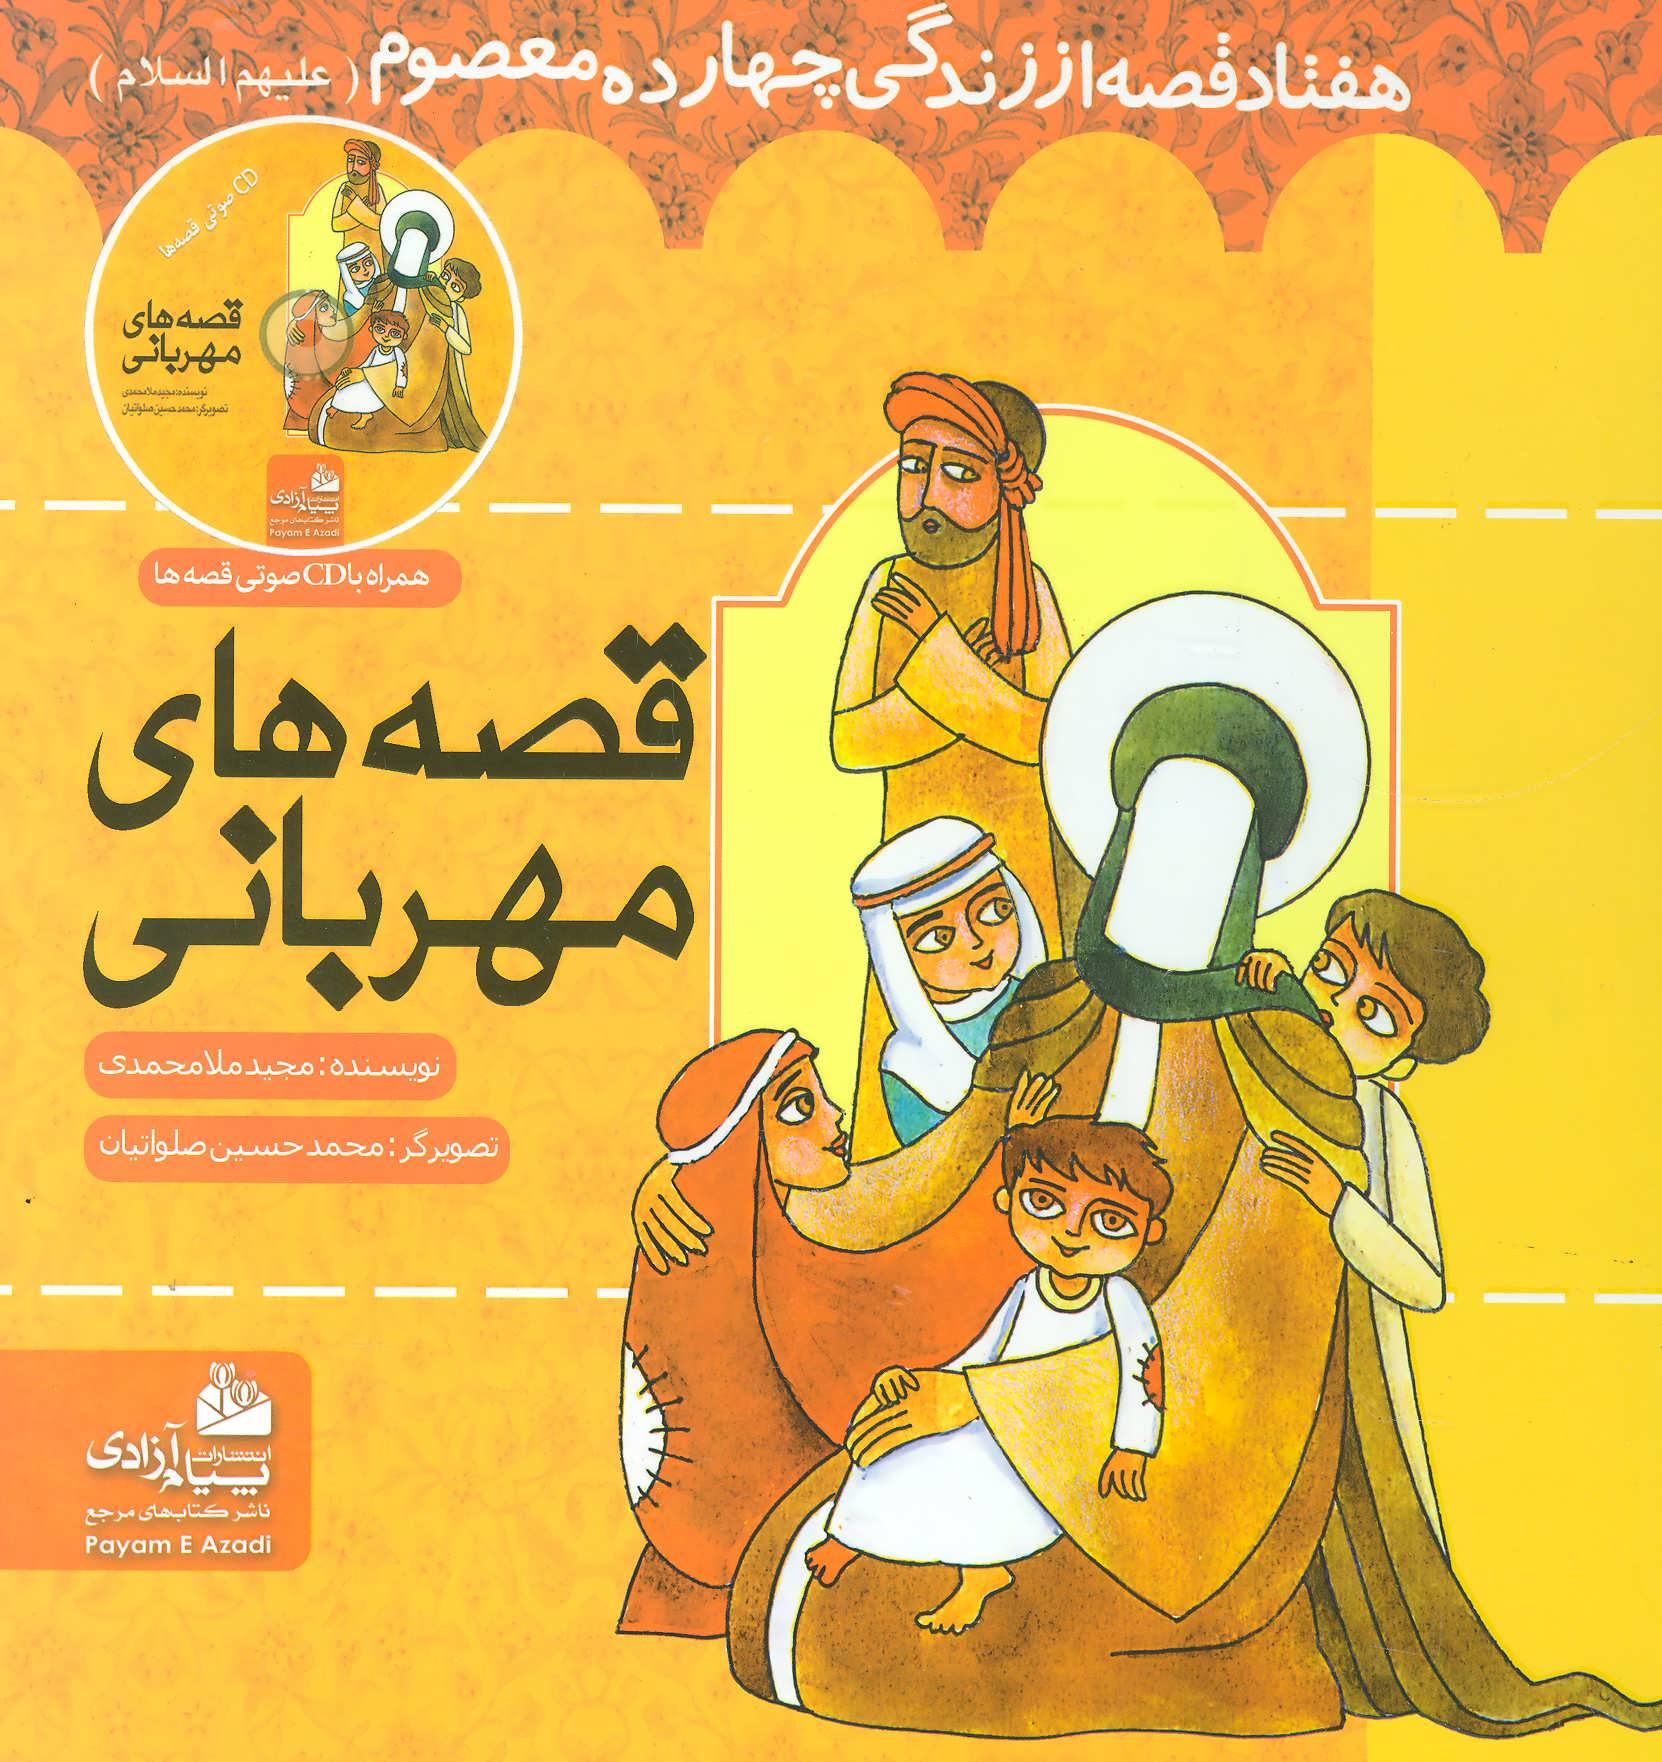 قصه های مهربانی (70 قصه از زندگی 14 معصوم (ع))،(همراه با سی دی)،(گلاسه)